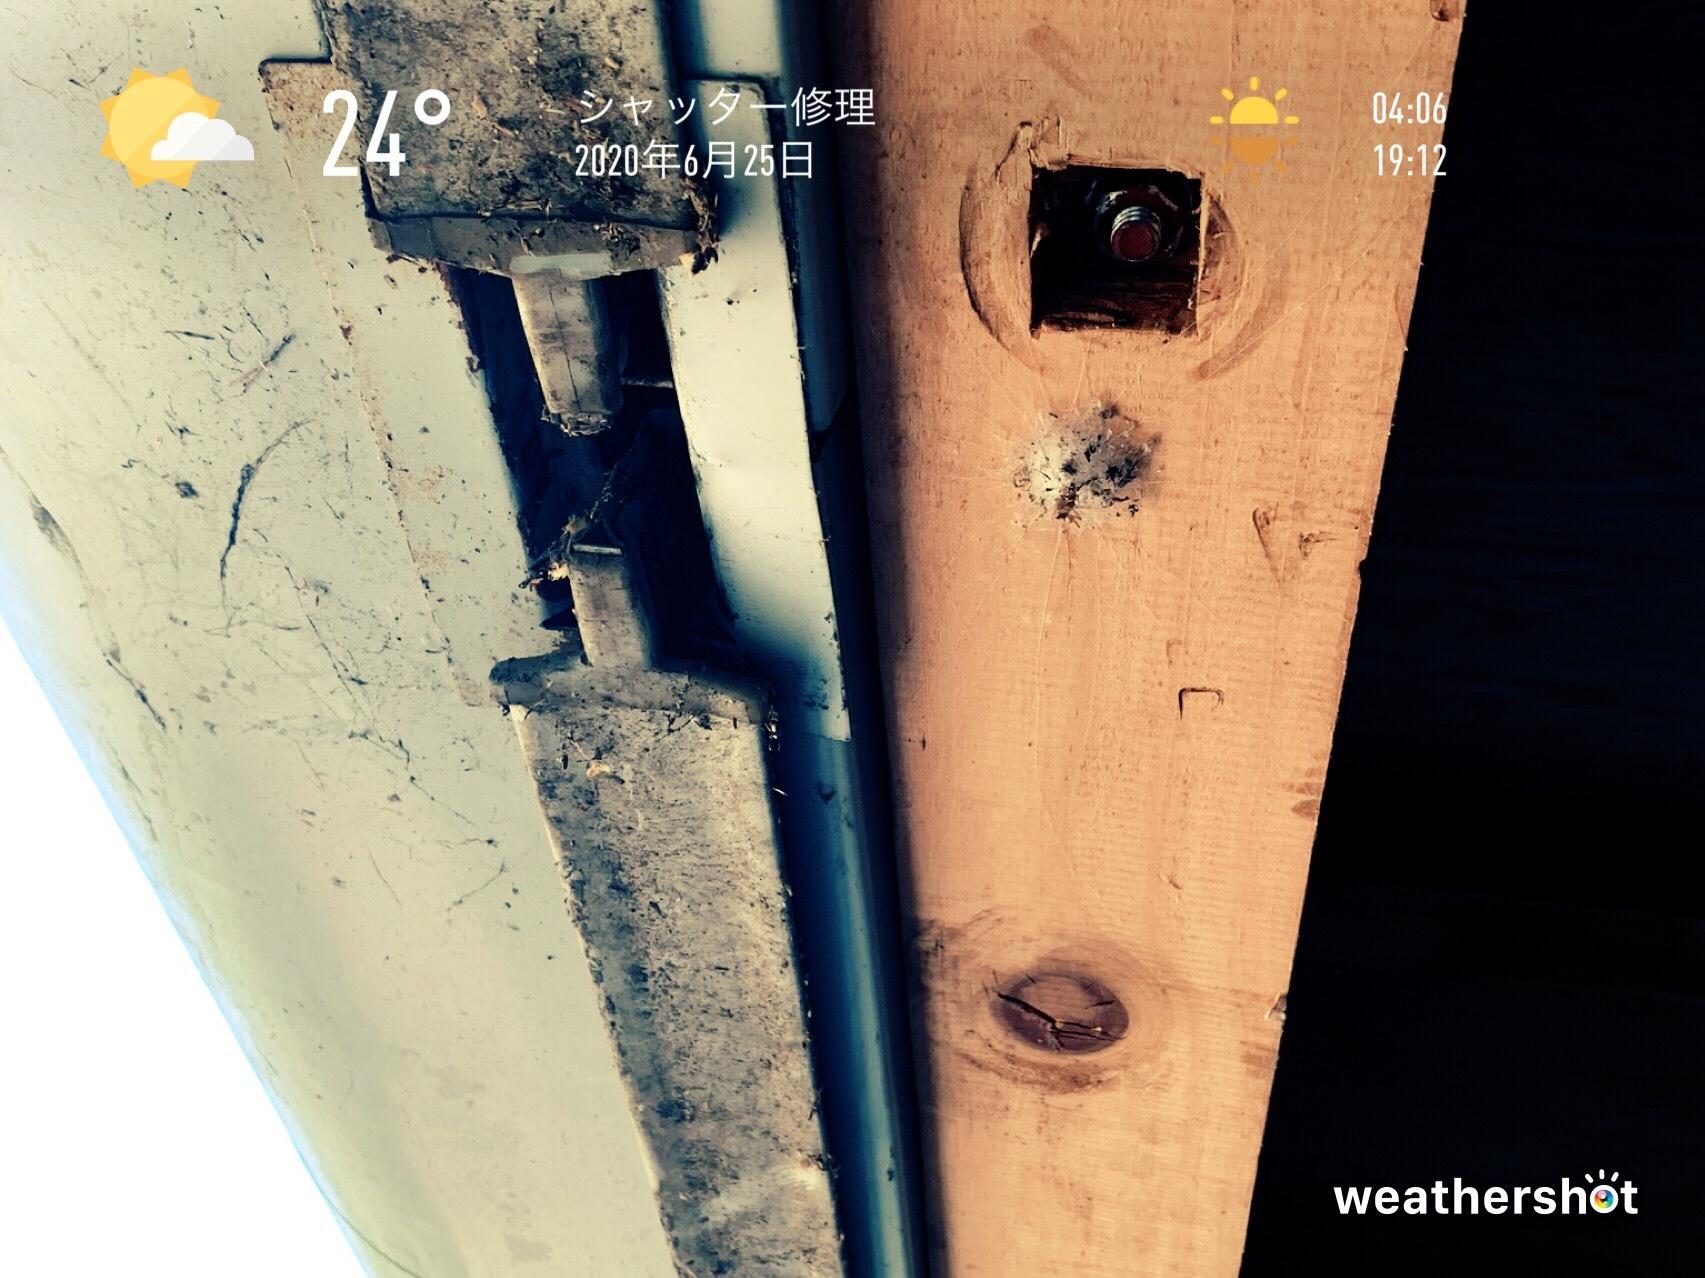 2020/6/25 シャッター修理_f0116421_23102733.jpeg